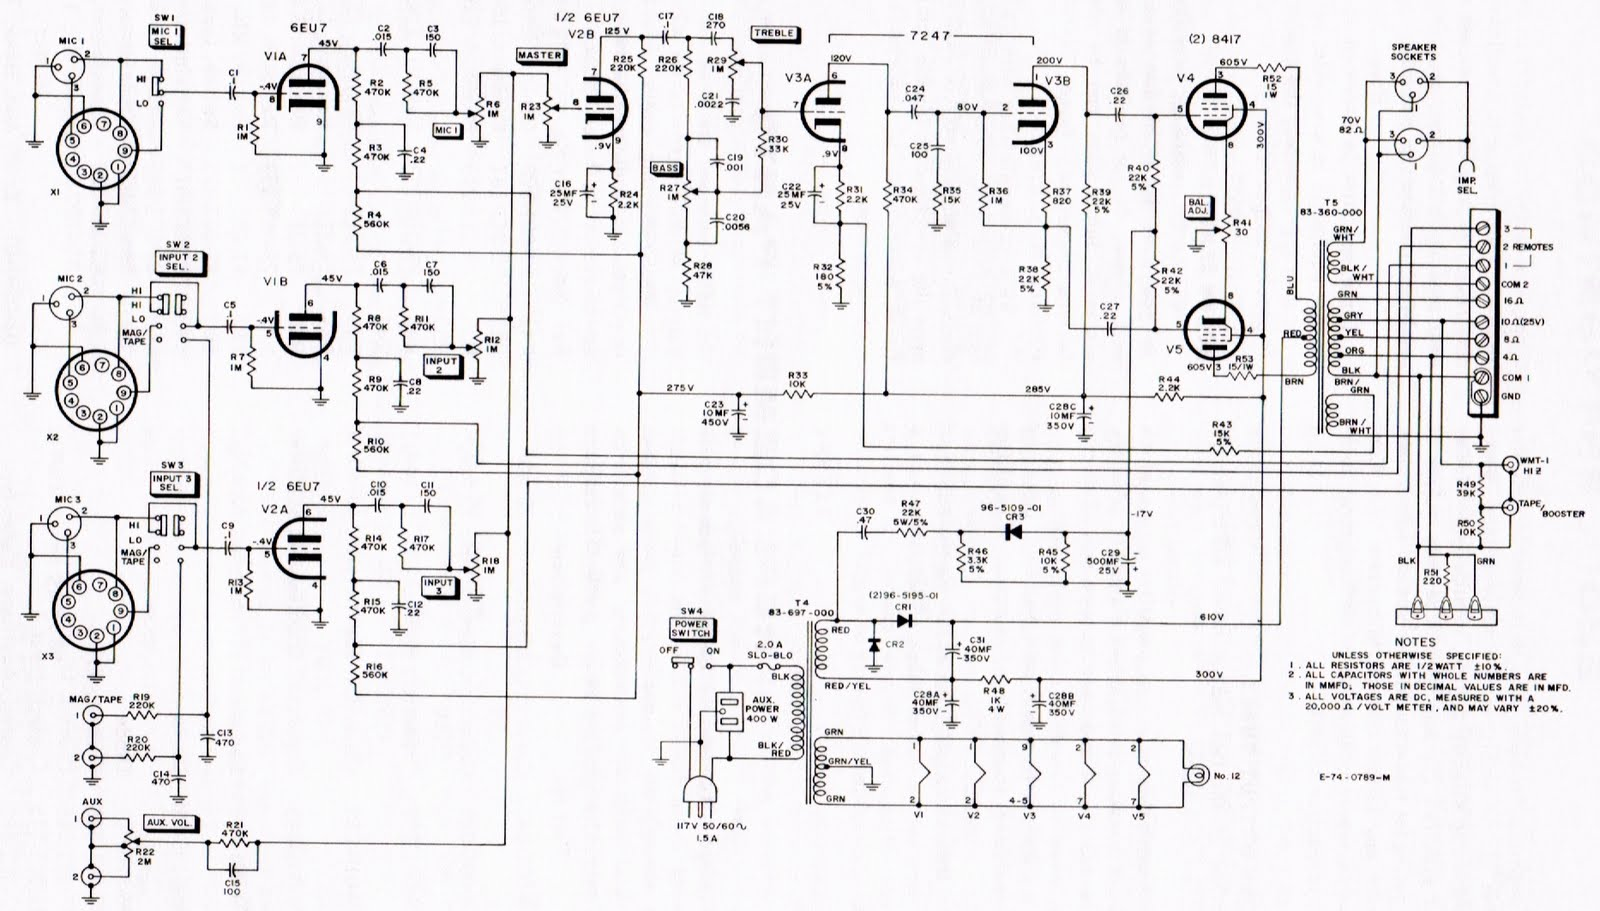 medium resolution of sarcastic wiring diagram